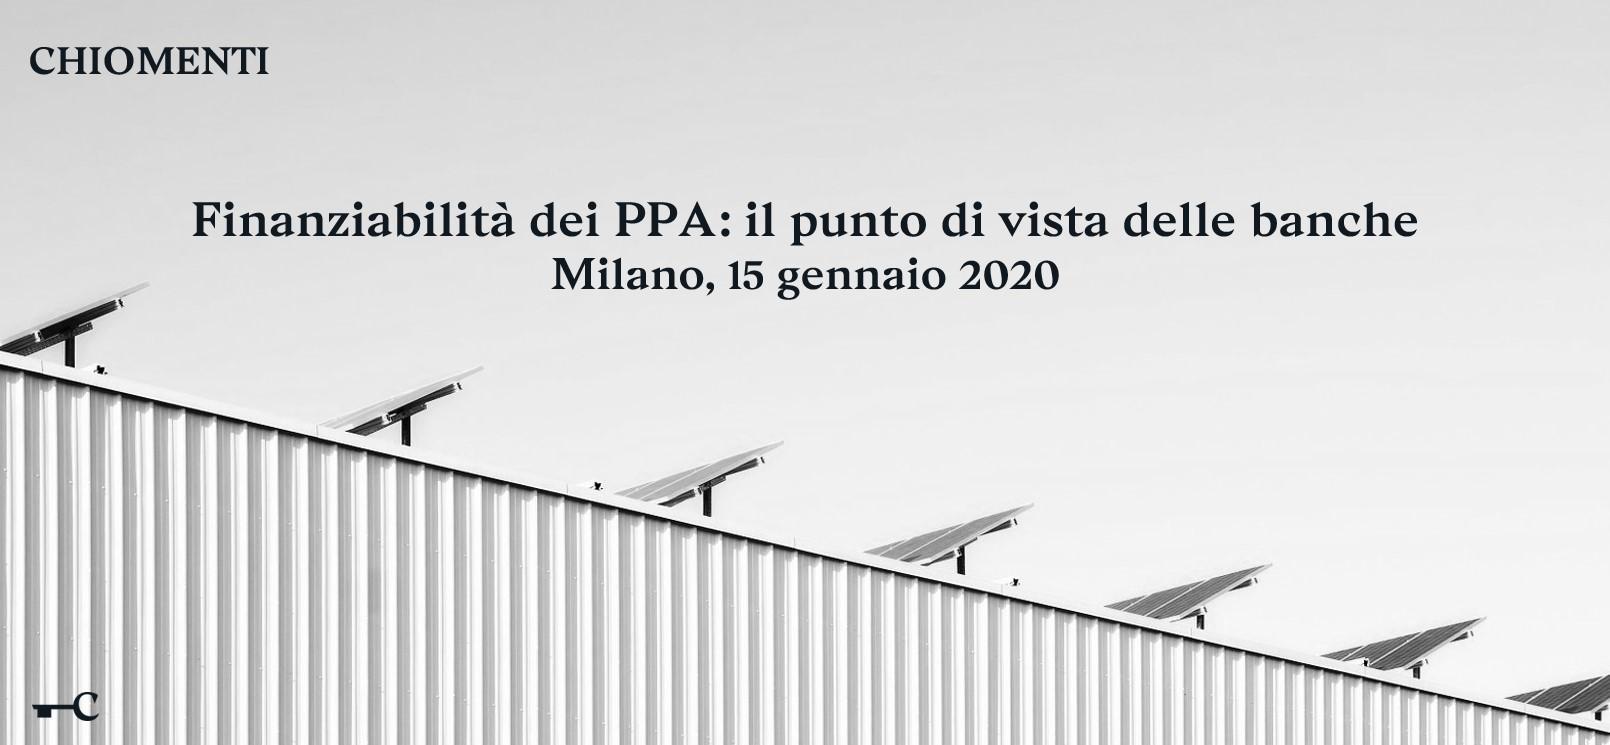 Finanziabilità dei PPA: il punto di vista delle banche - 15 gennaio 2020, Milano